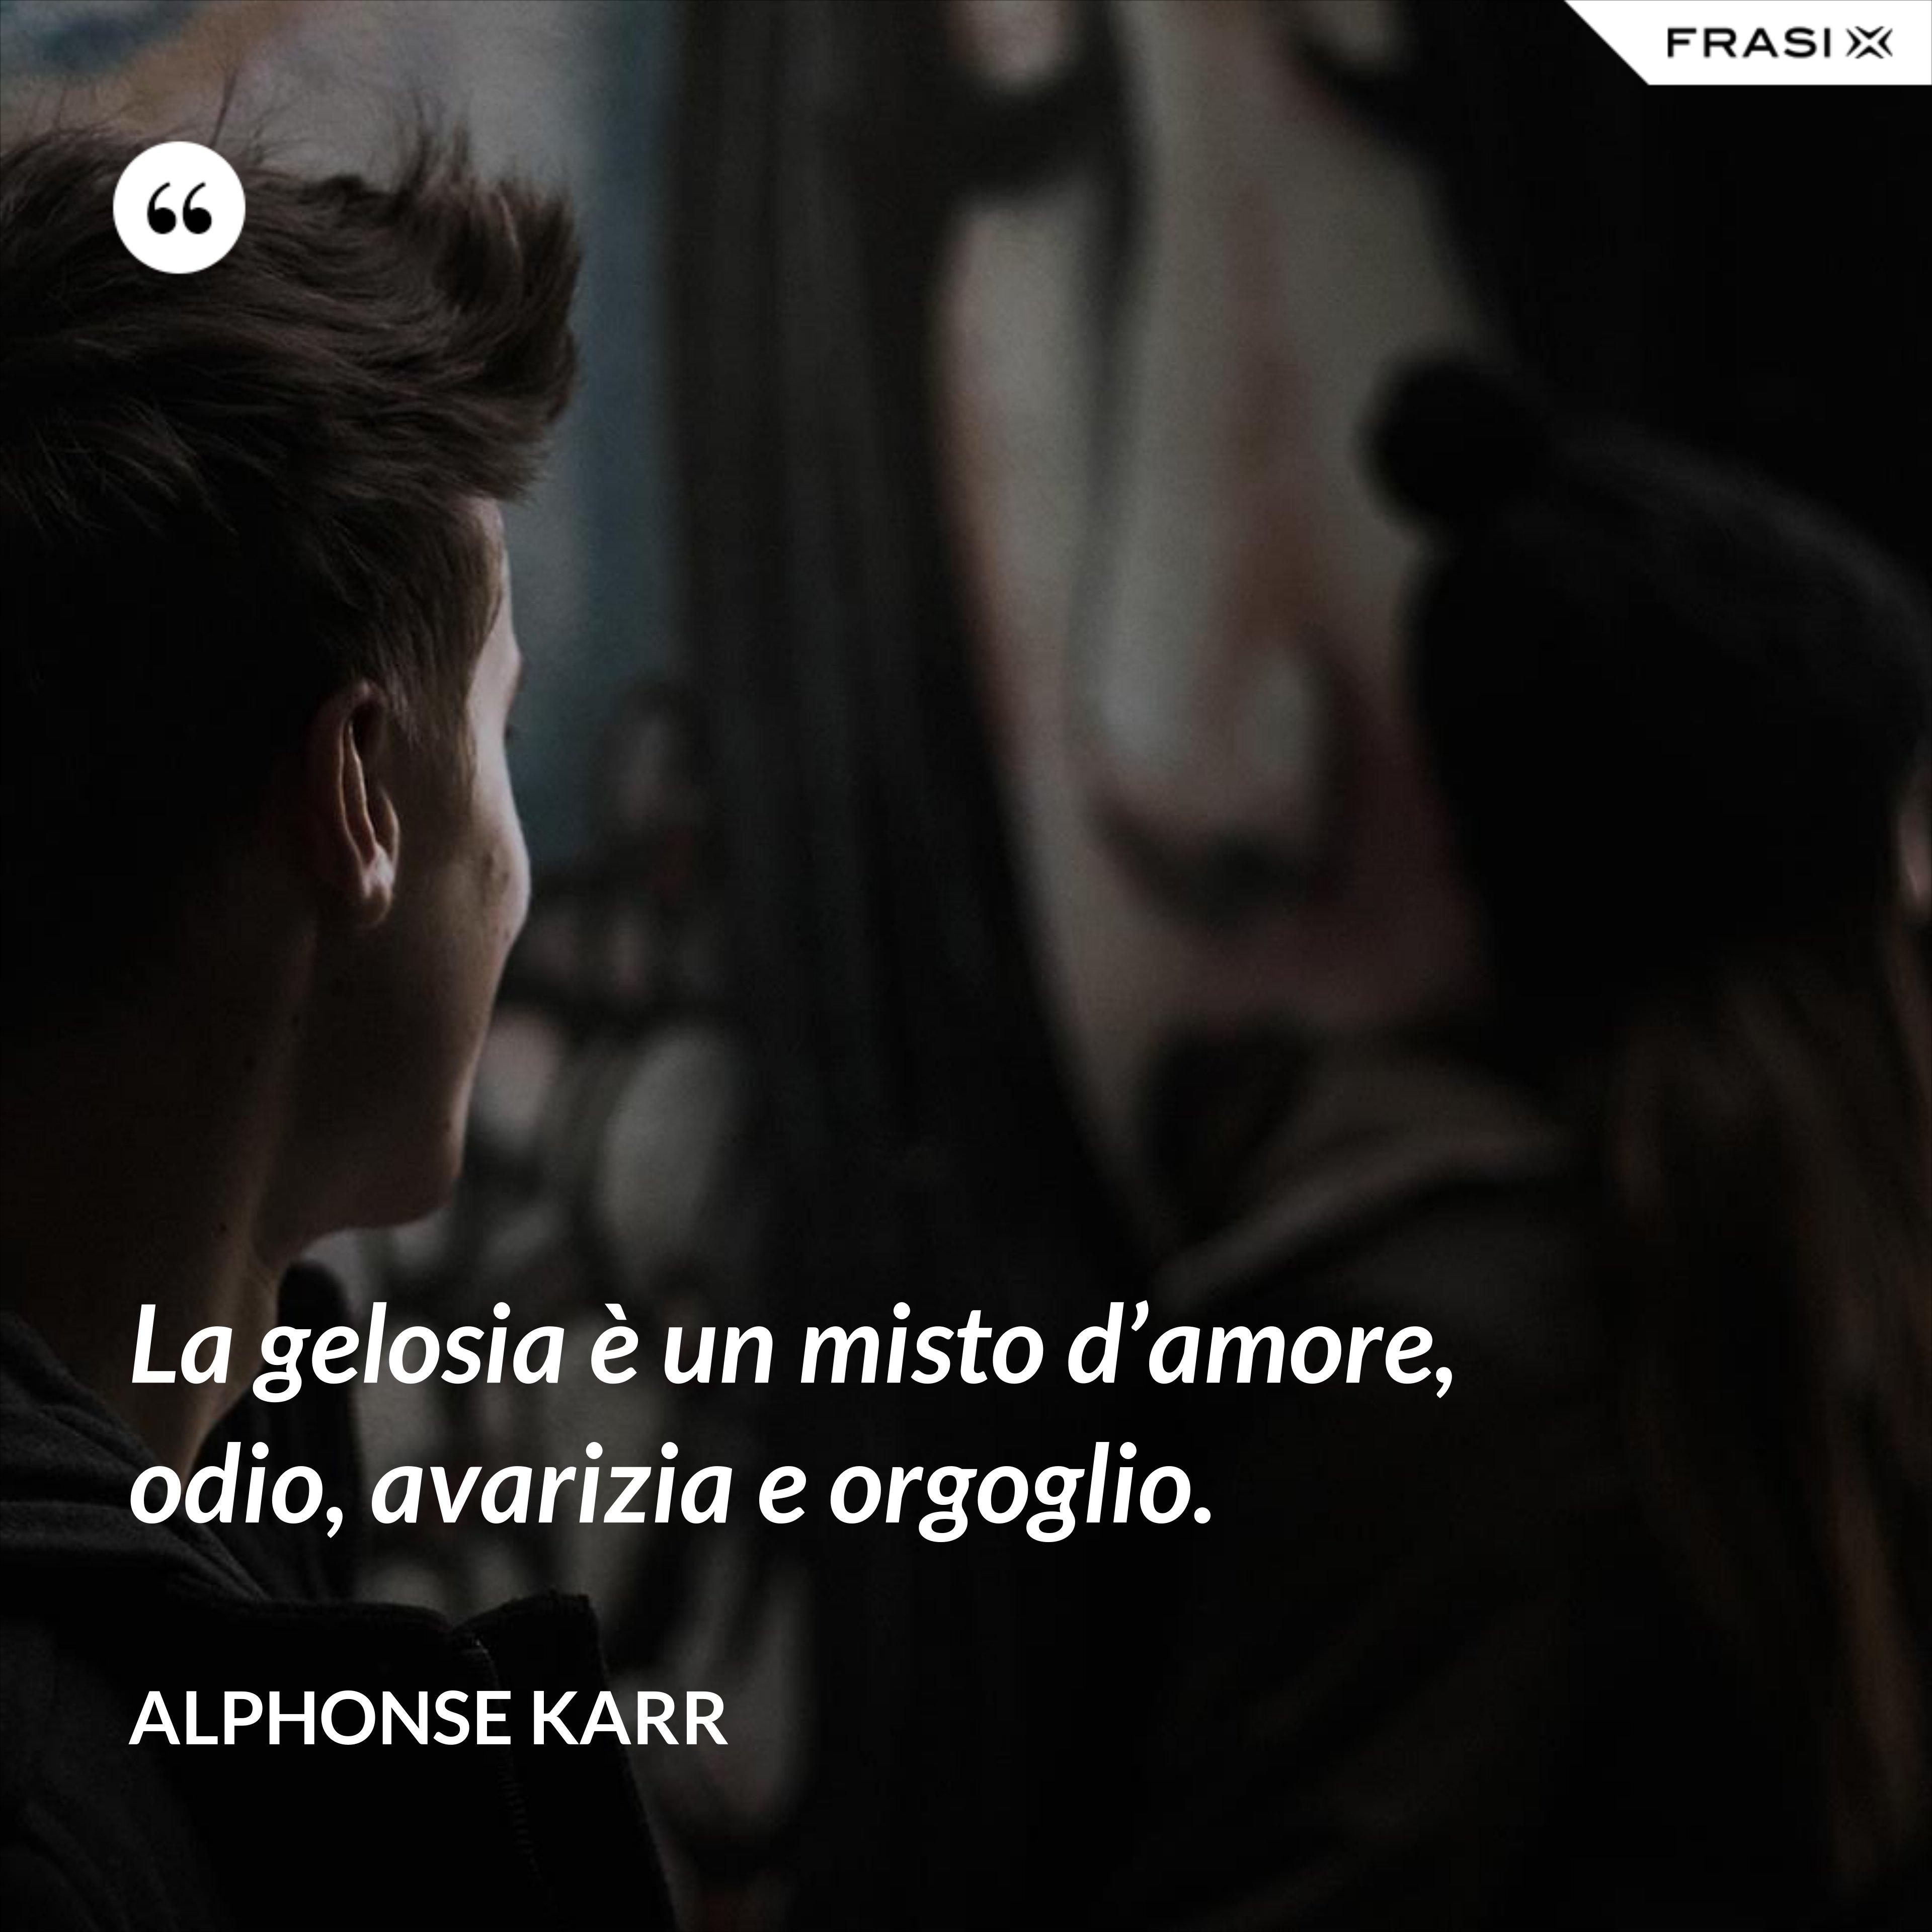 La gelosia è un misto d'amore, odio, avarizia e orgoglio. - Alphonse Karr